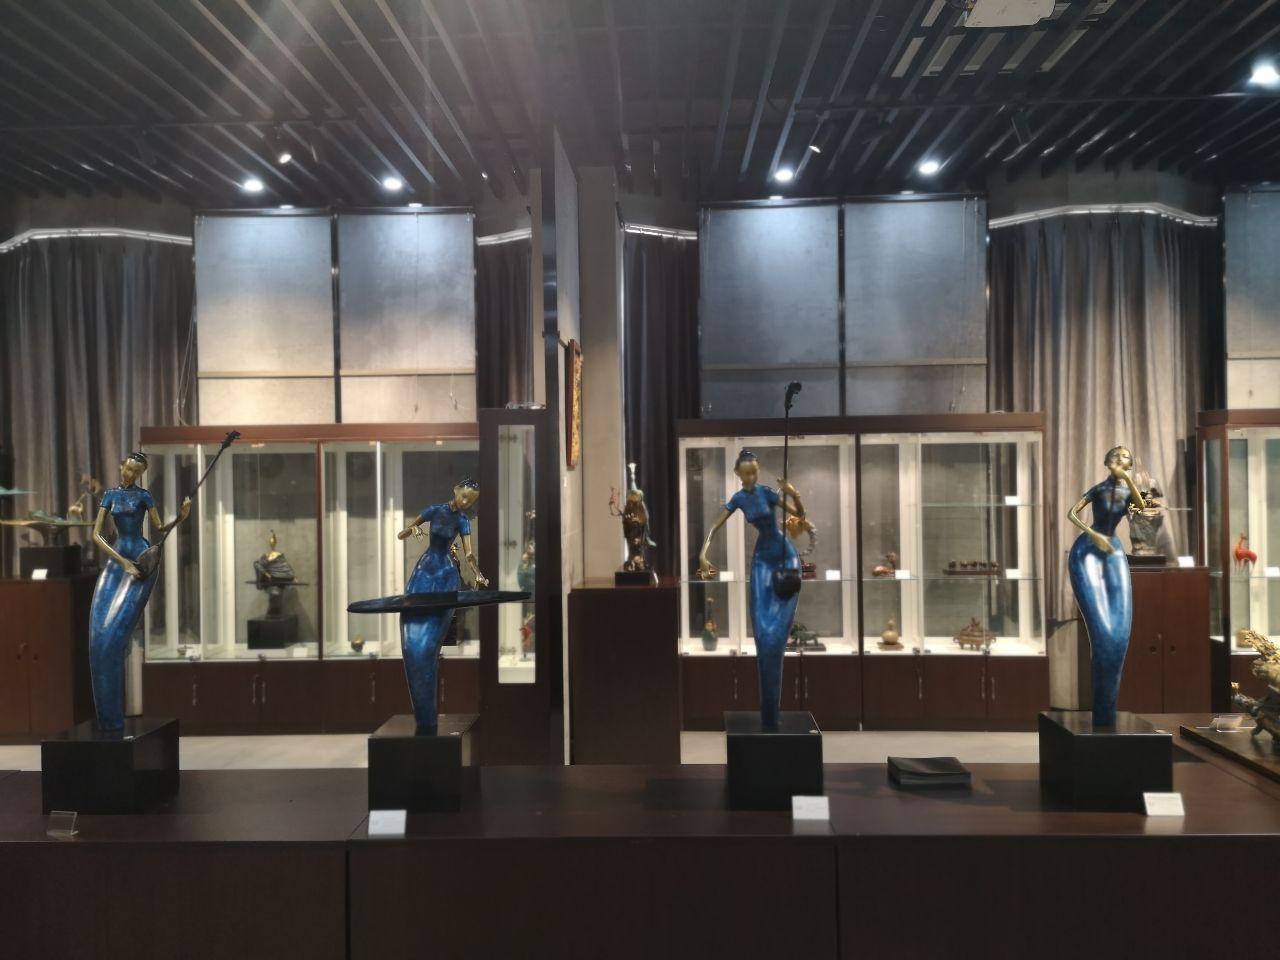 杭州艺术家刘华化腐朽为神奇 铜艺术品吸引人 专家和居民点赞肯定